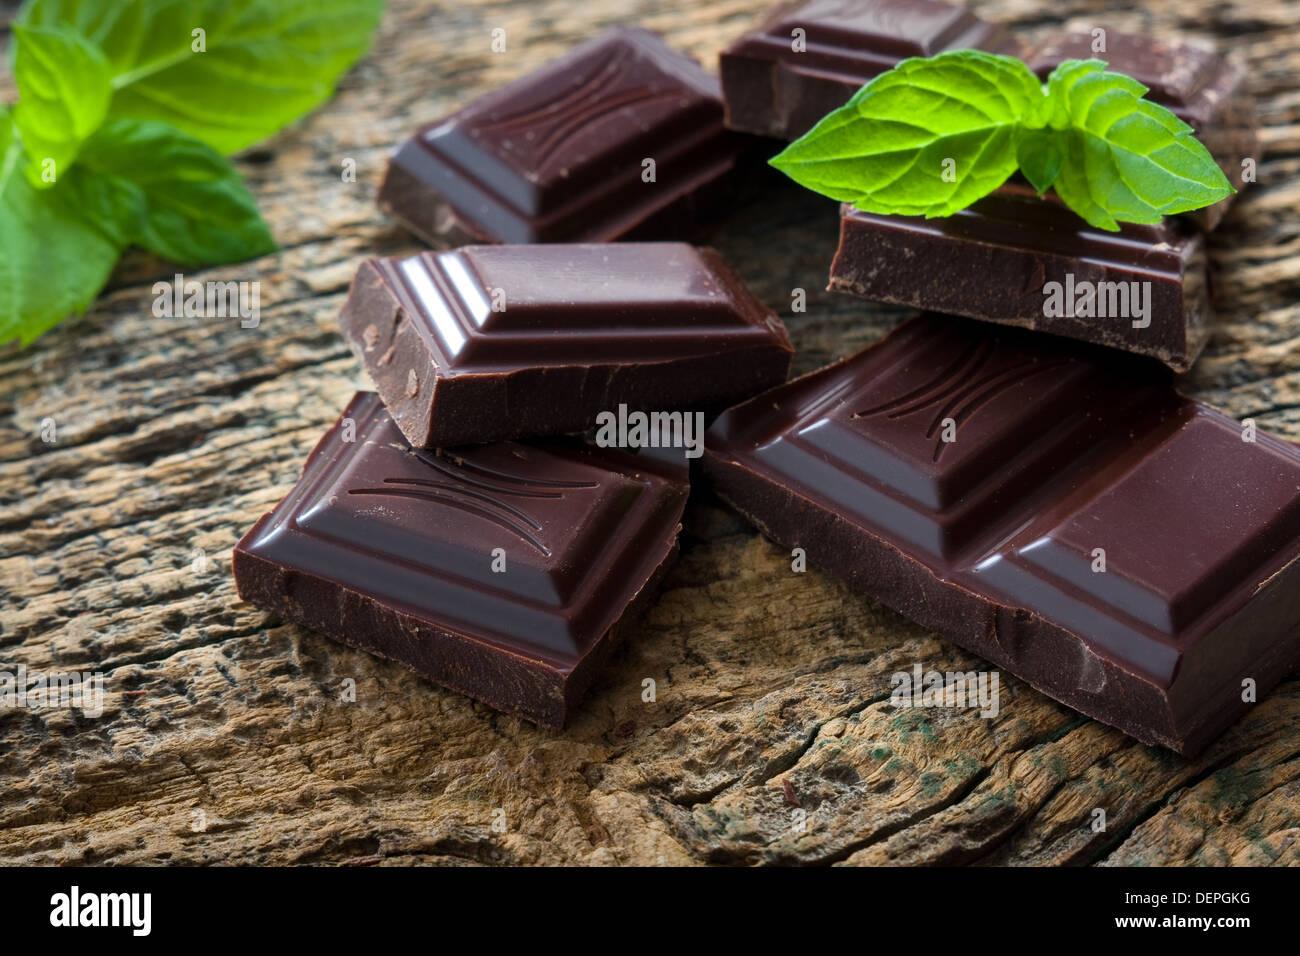 Dunkle Schokolade Stücke mit einem Blatt Minze auf hölzernen Hintergrund Stockbild